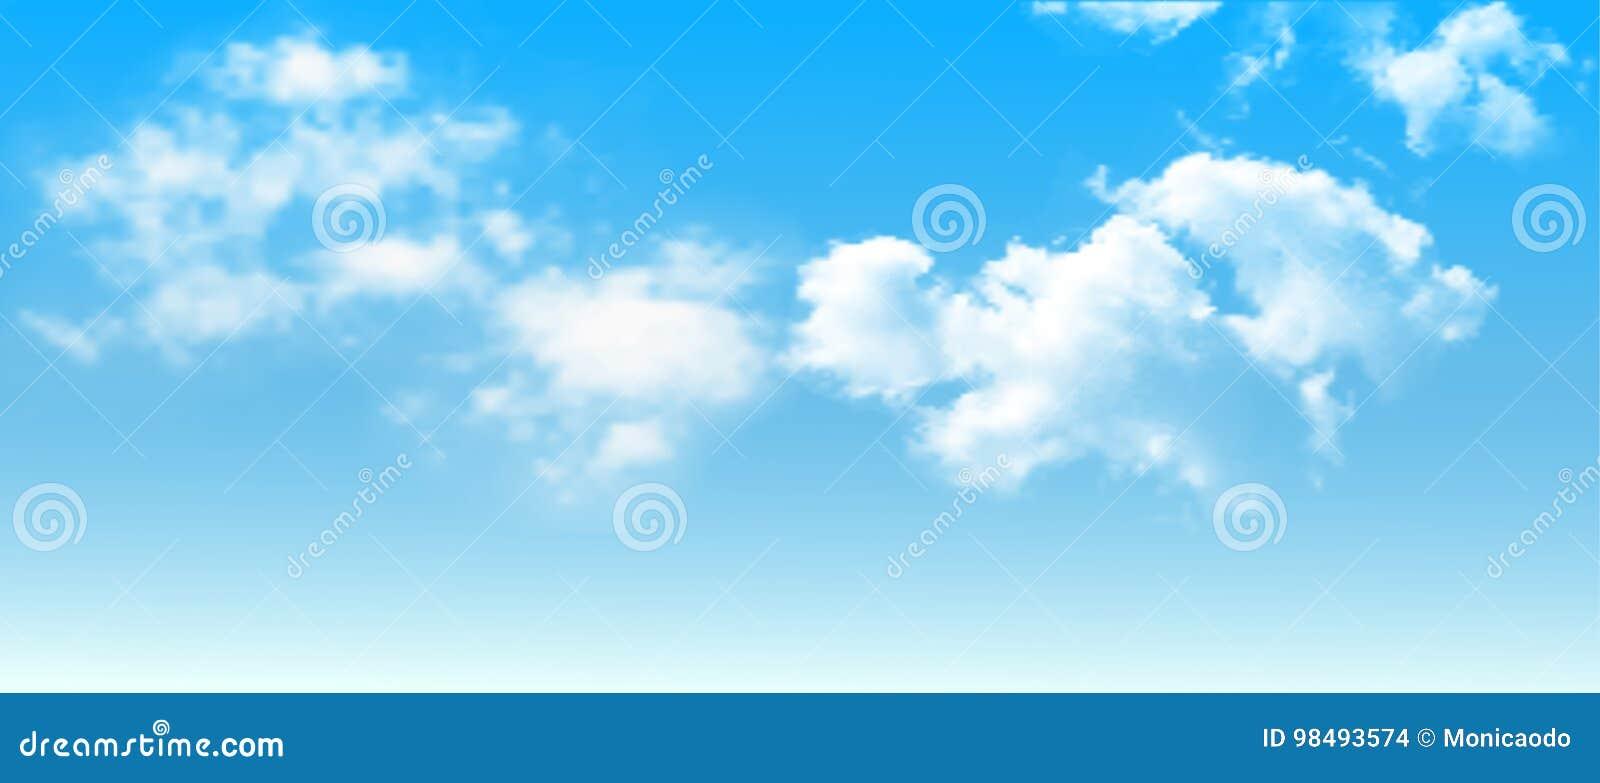 Fondo con las nubes en el cielo azul Fondo del vector